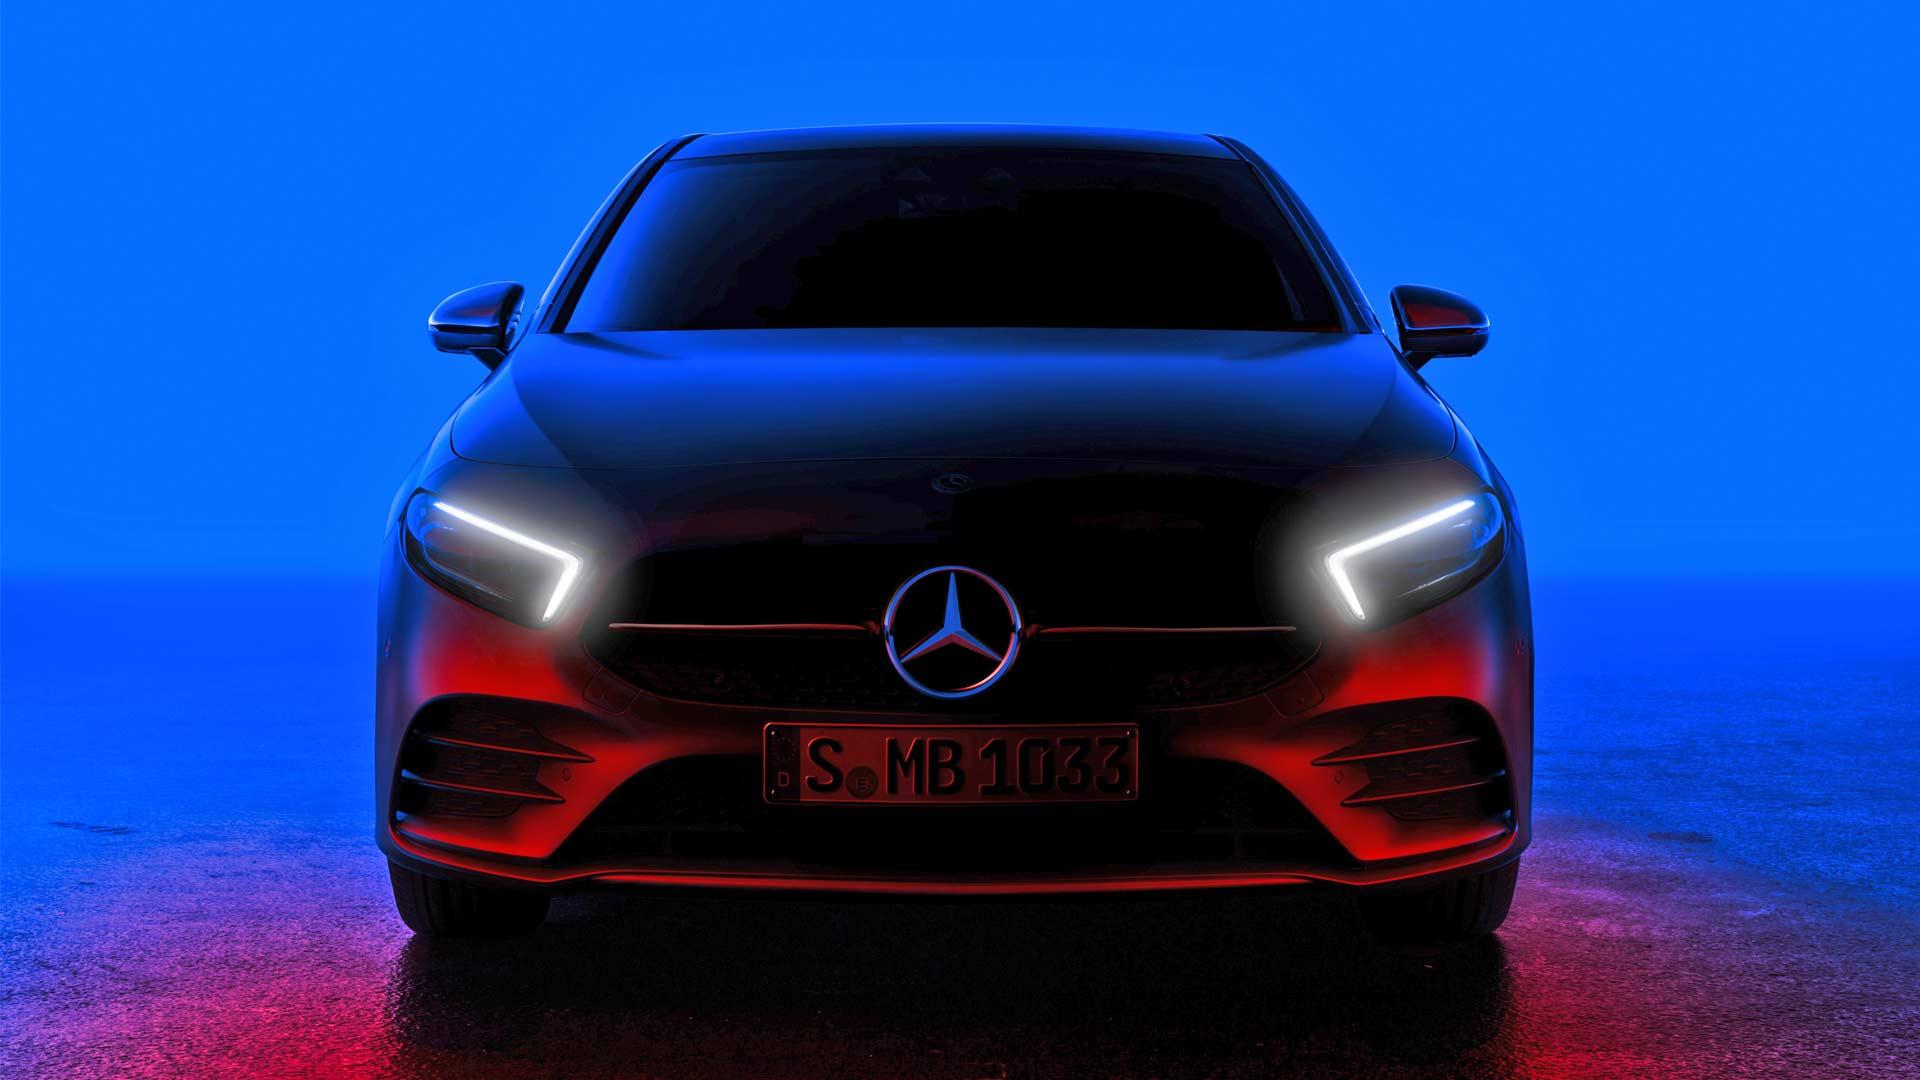 2018-4th-generation-Mercedes-Benz-A-Class-teaser